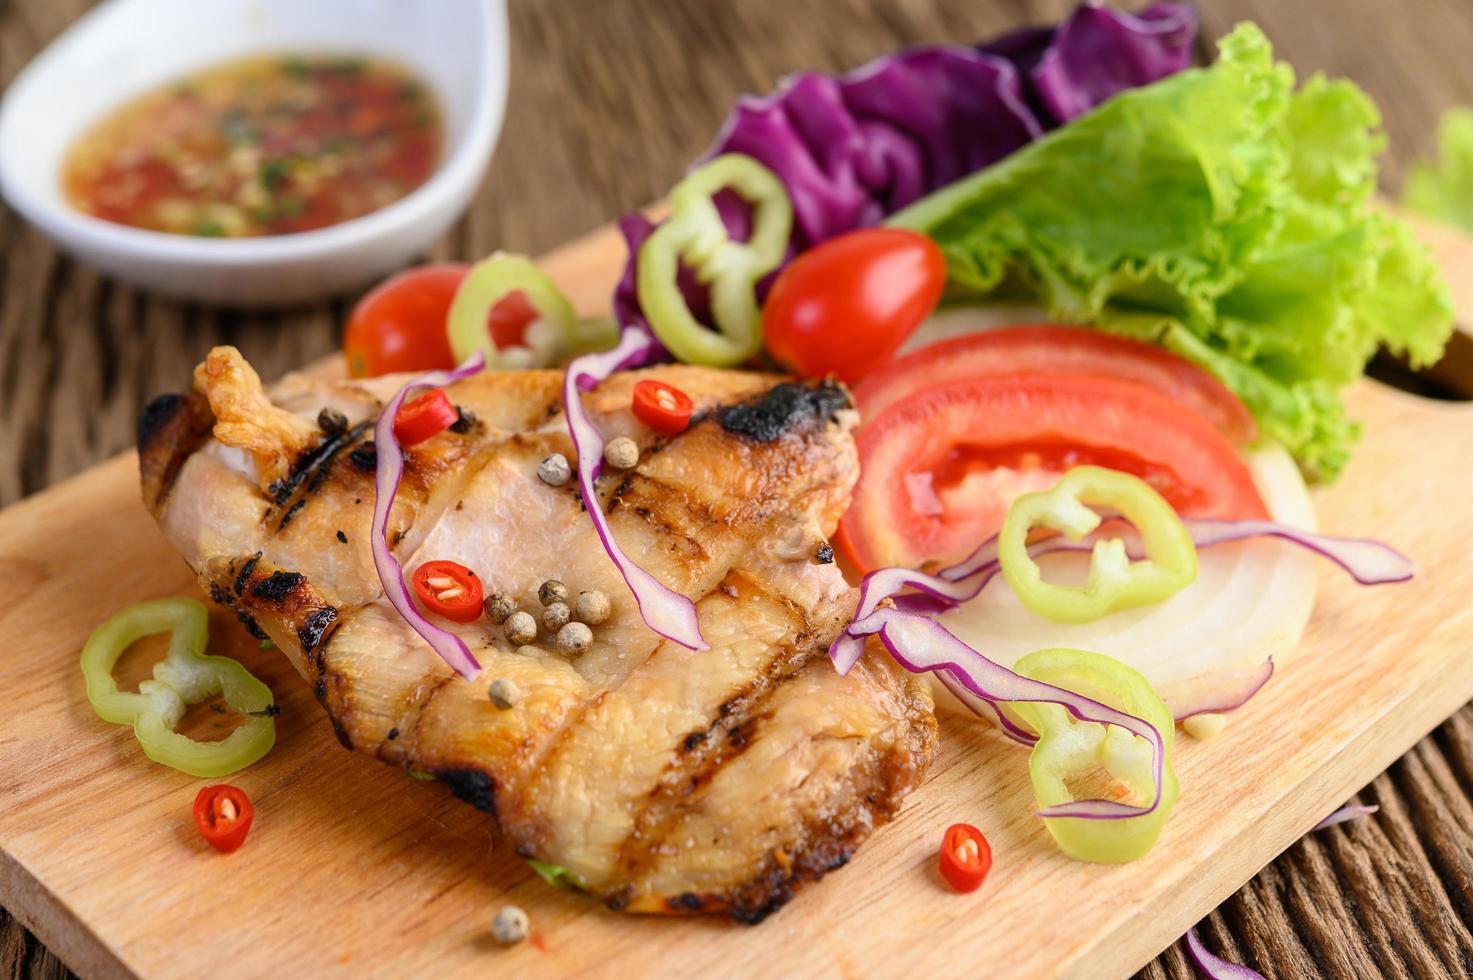 Poulet grillé sur une planche à découper en bois avec salade photo